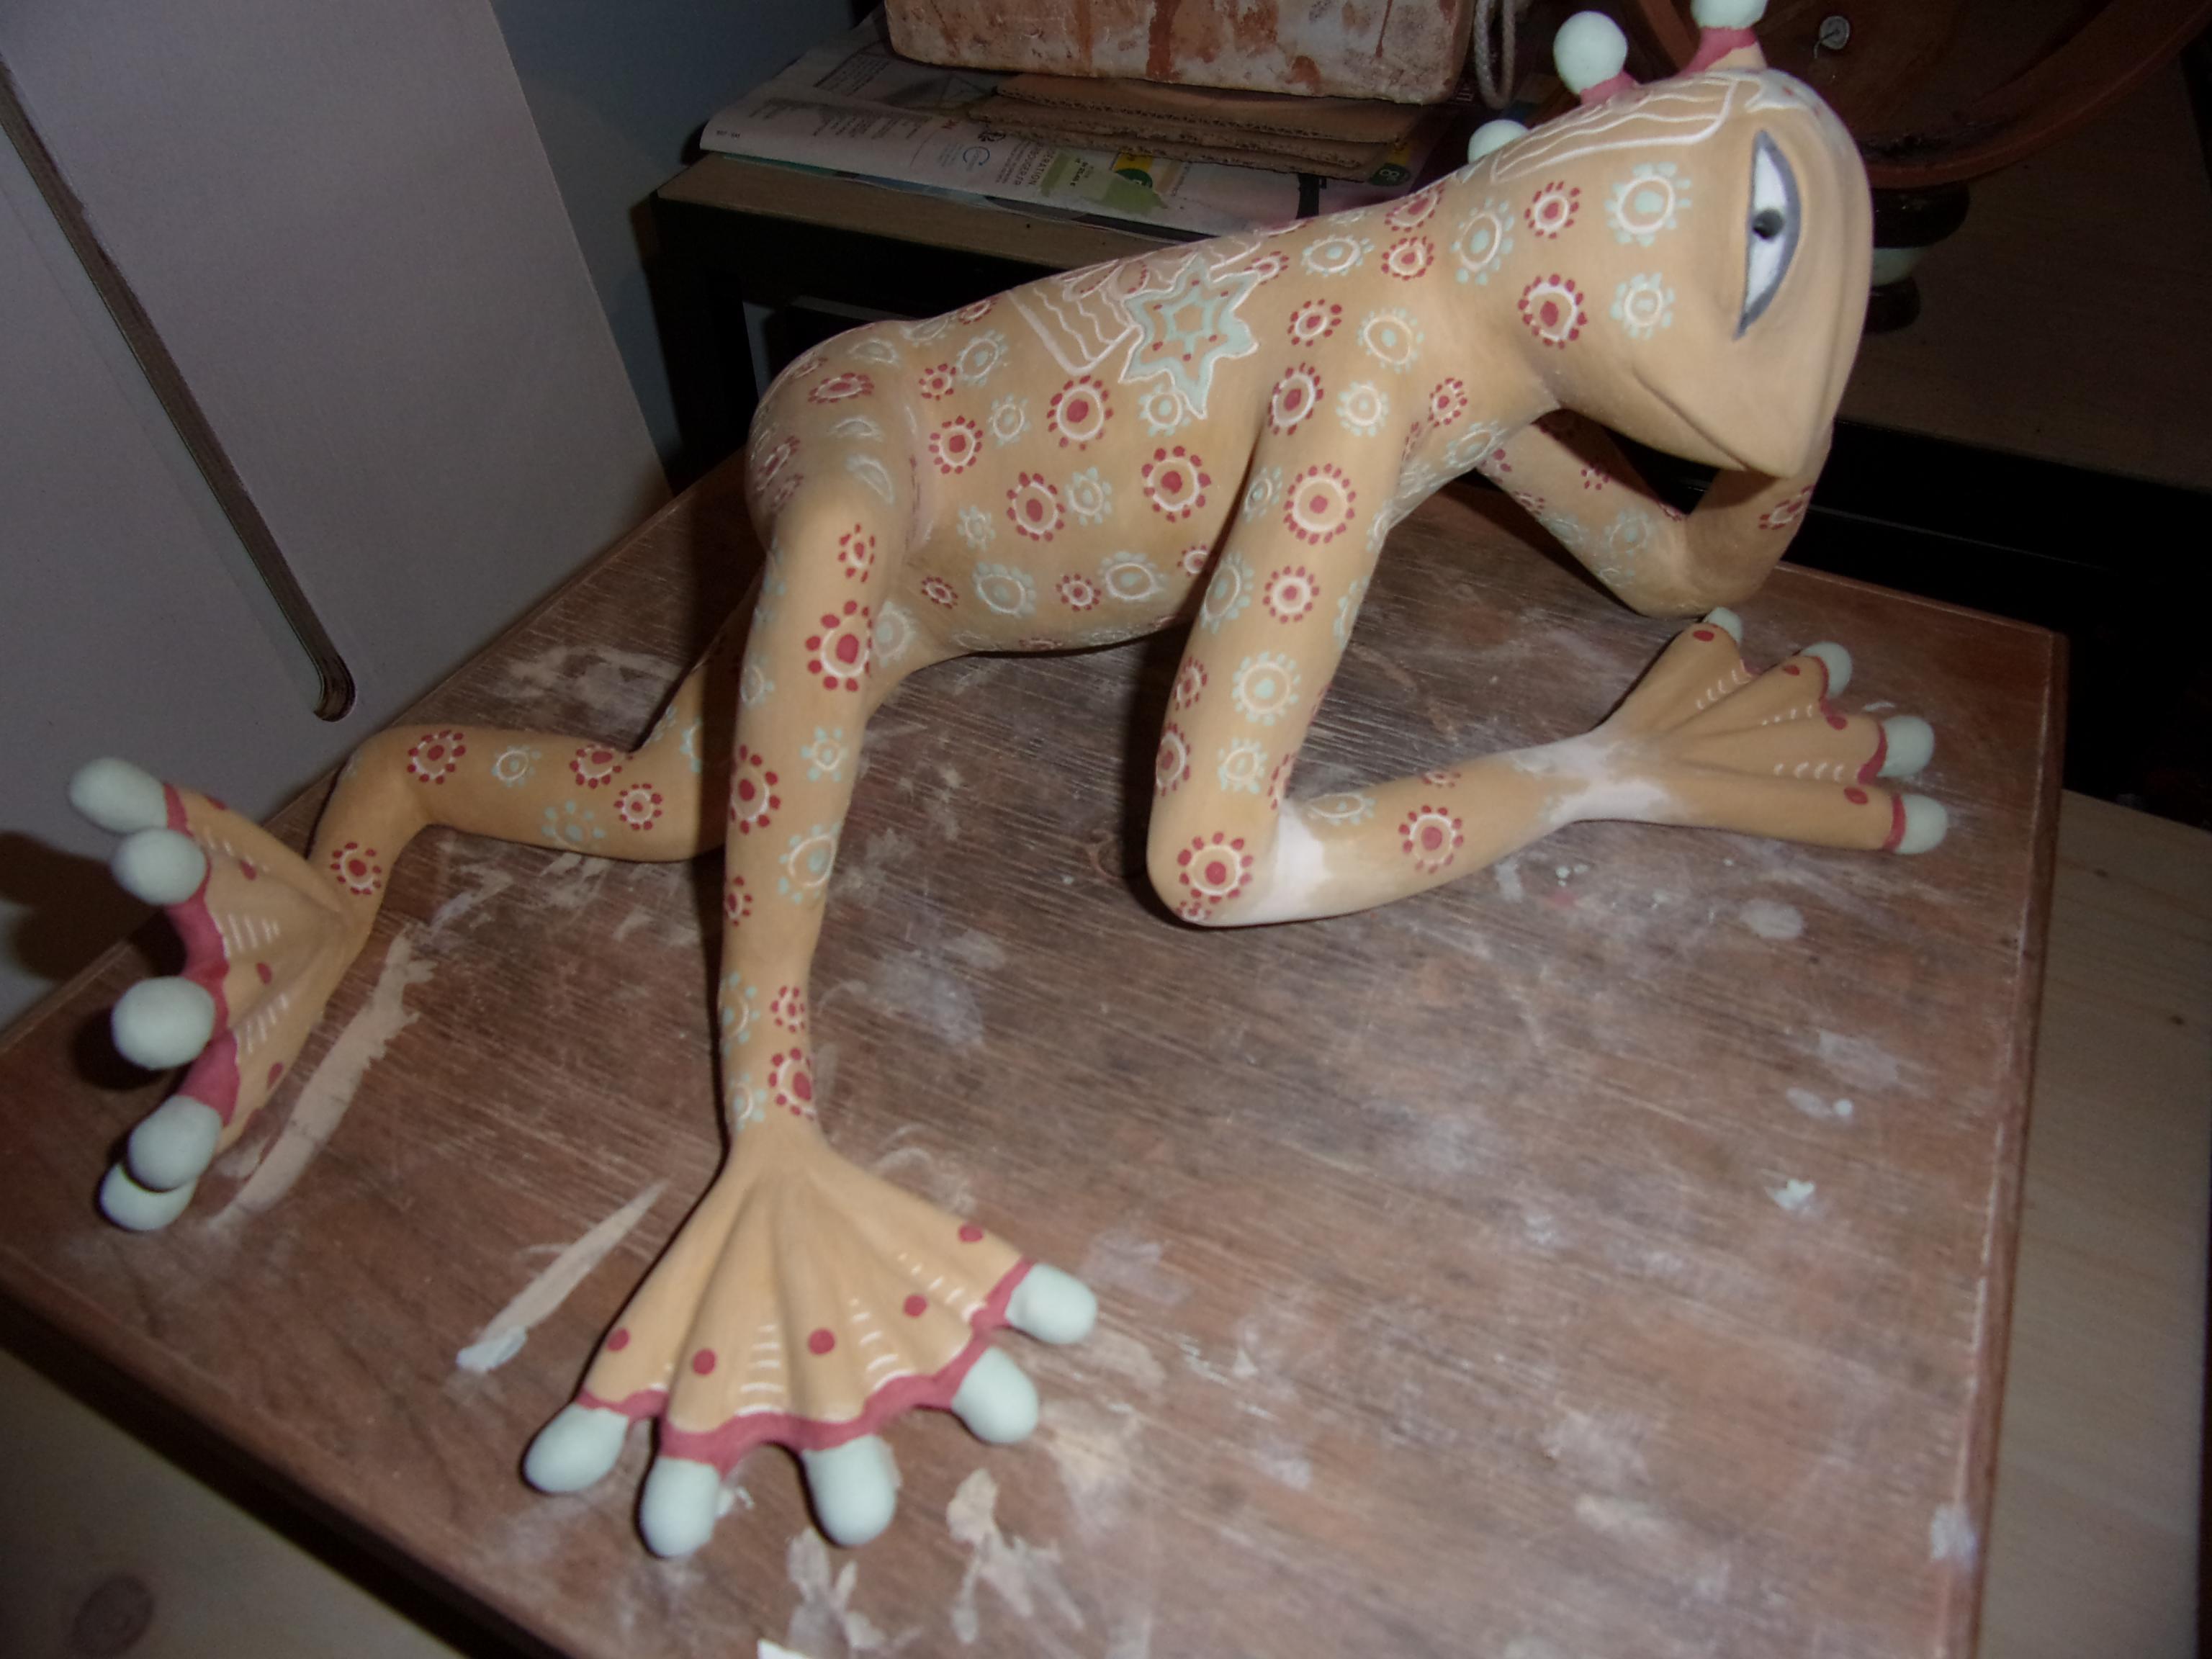 Actualité de marielle legeron artiste commande d'une grenouille